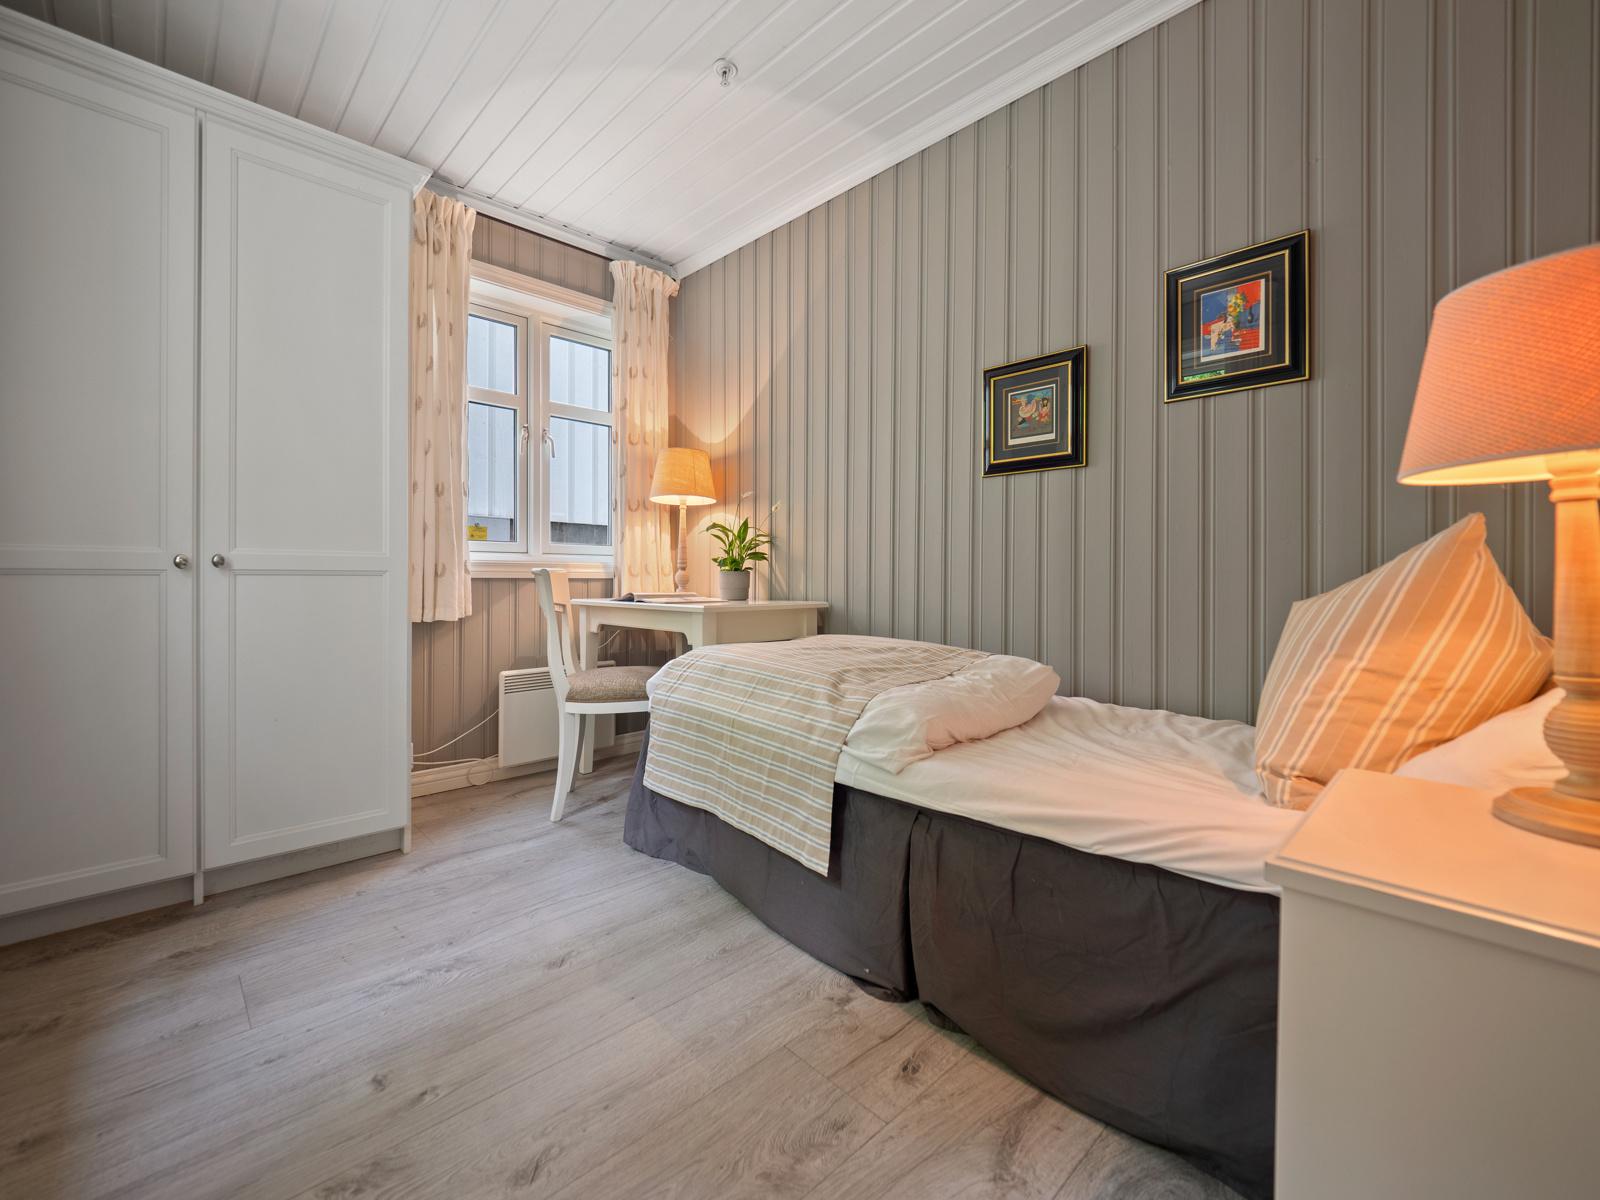 Soverommet i 1. etasje har garderobeskap og god plass til seng og arbeidsplass